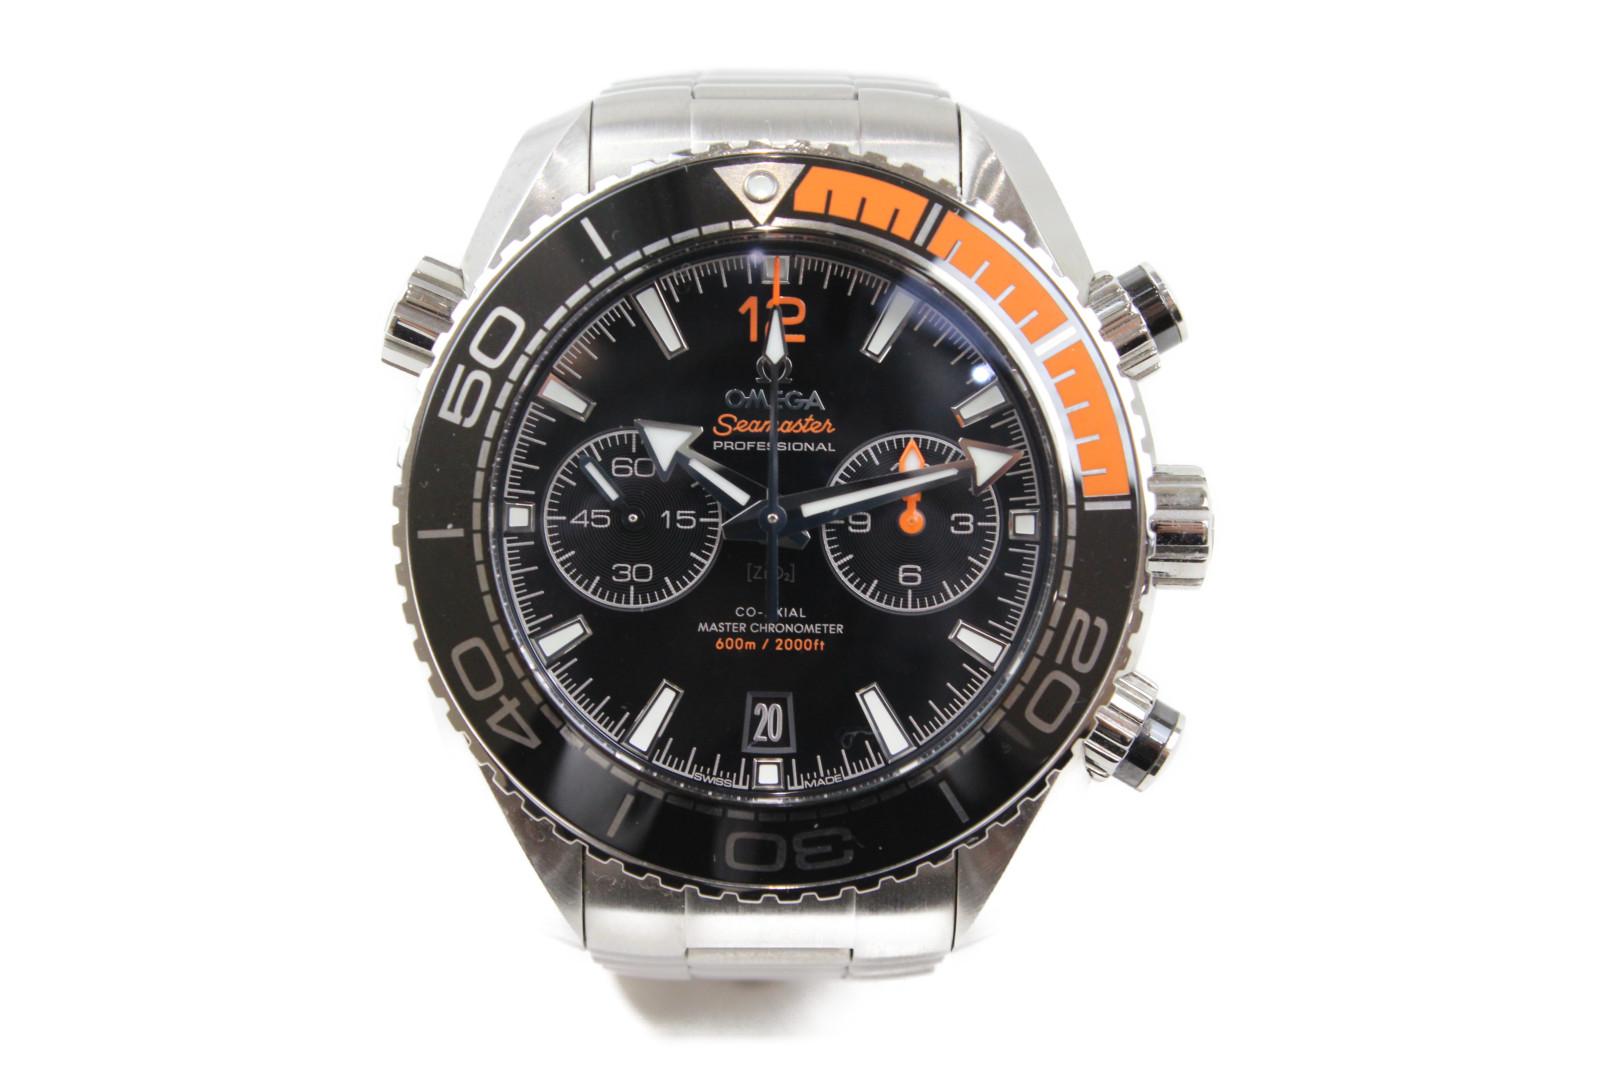 【ギャラ有】OMEGA オメガ シーマスター 600 プラネットオーシャン クロノグラフ  215.30.46.51.01.002 自動巻き デイト SS ステンレススチール ブラック オレンジ メンズ 腕時計【中古】